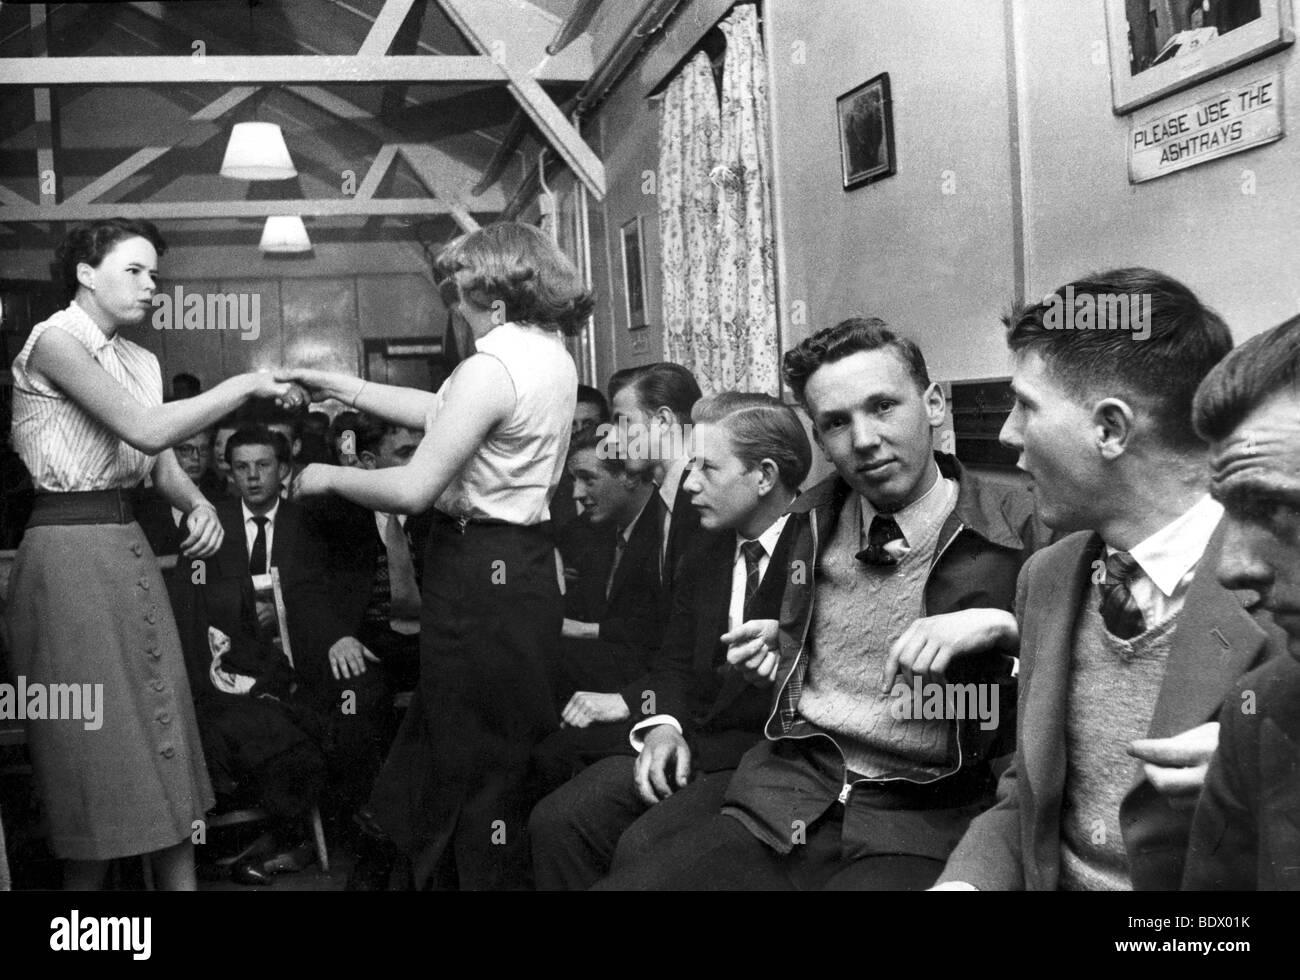 Le sud de Londres teenage dance club en 1957 Photo Stock